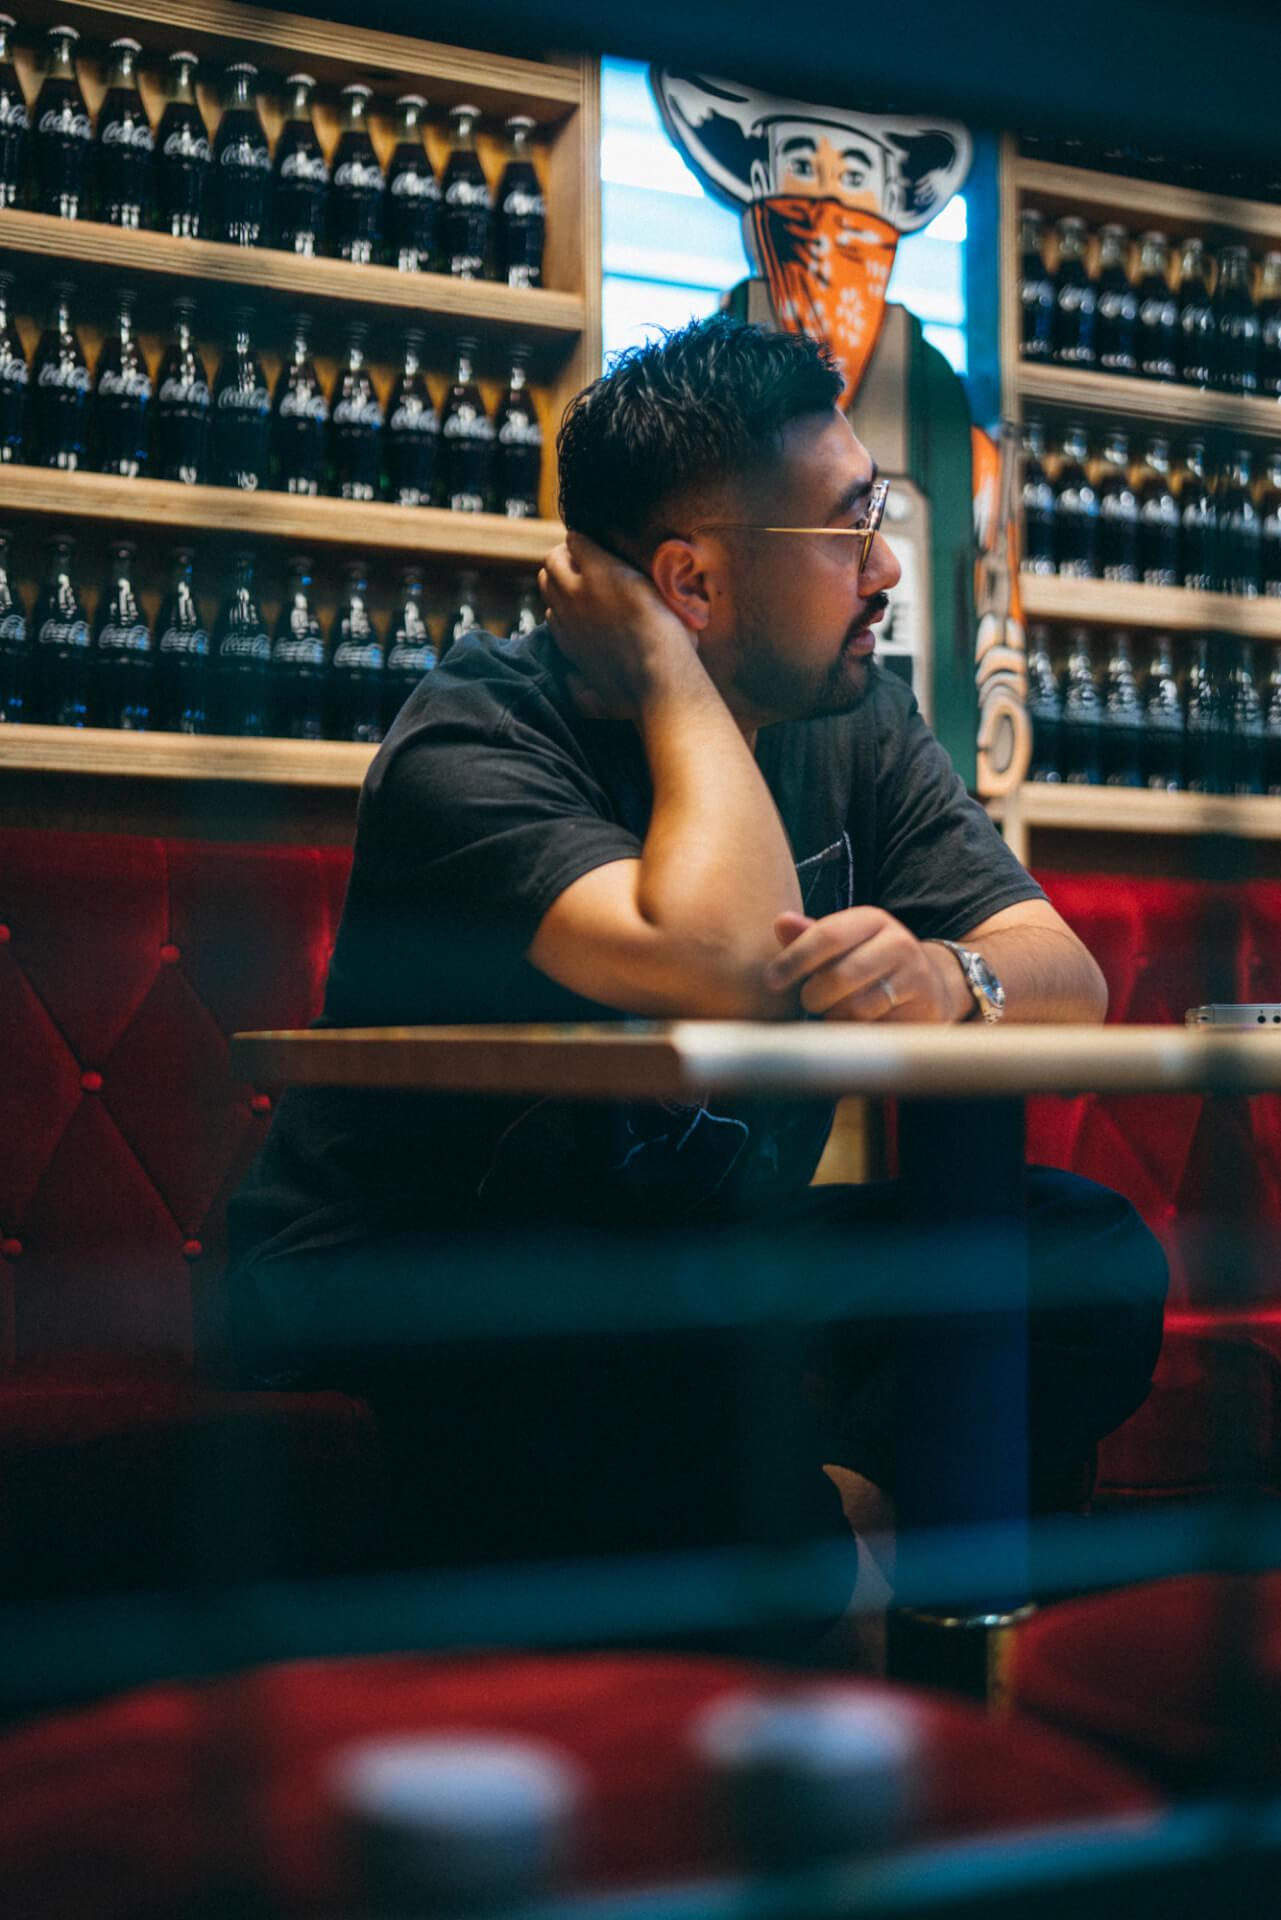 インタビュー|ロンドン在住の映像作家・木村太一が提示した表現の自由とアートの価値とは? interview191028-taichikimura-2